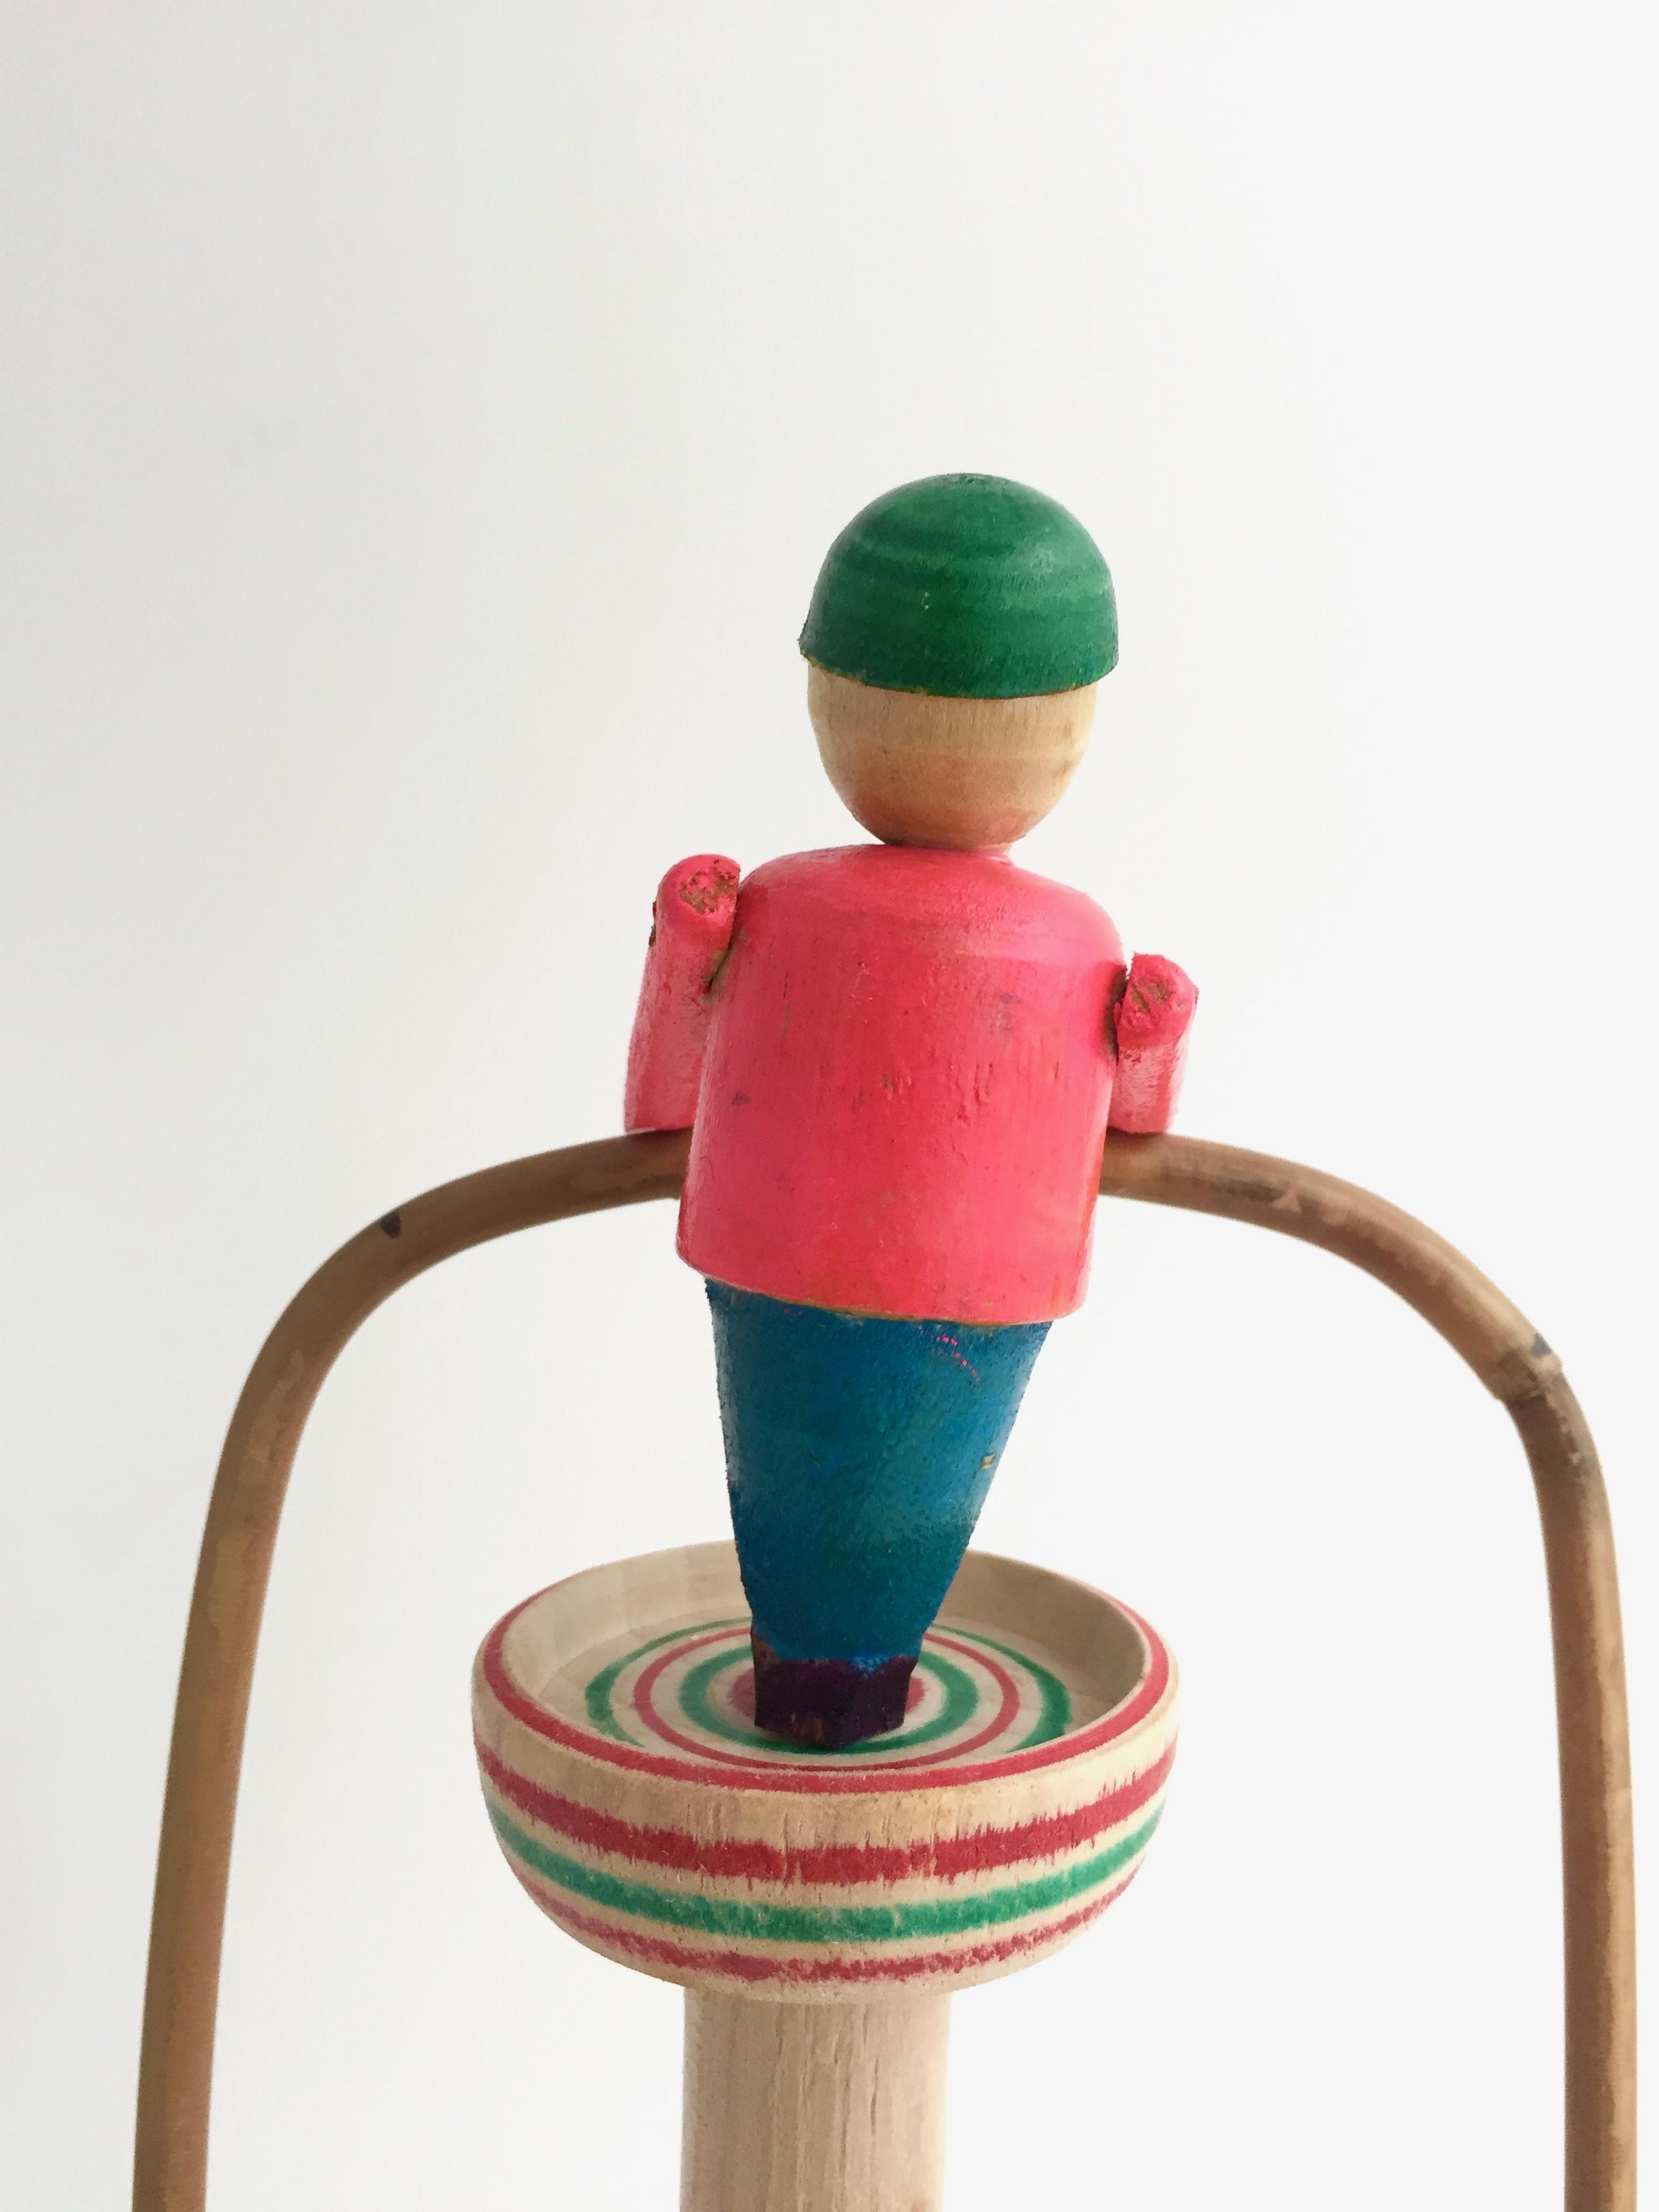 はりまや木地玩具「ヤジロベー」(ピンク色タイプ)